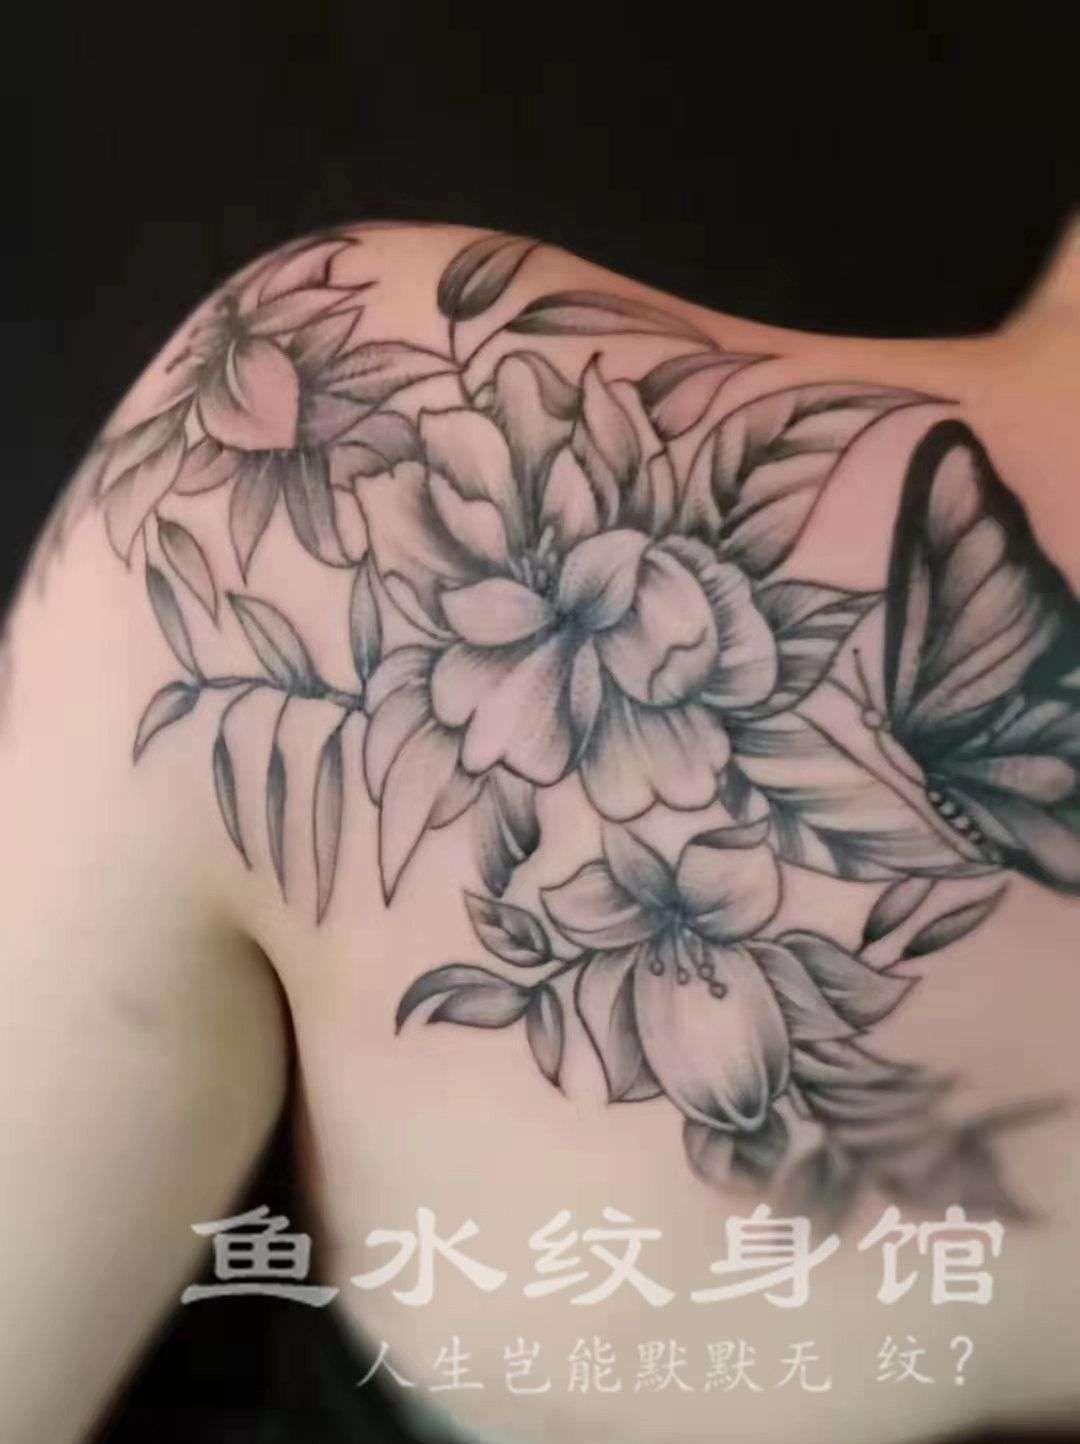 海口秀英正规的水墨纹身哪家比较好,邹菊纹身哪家专业